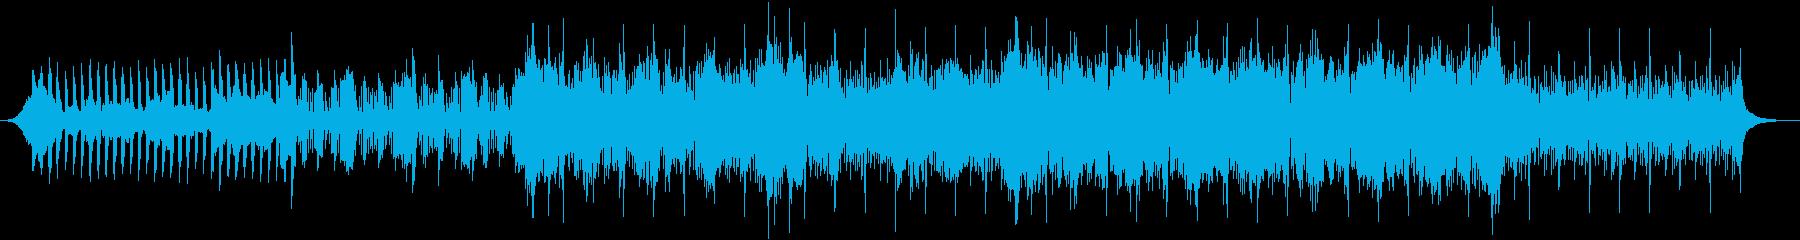 民族楽器を取り入れた楽曲の再生済みの波形